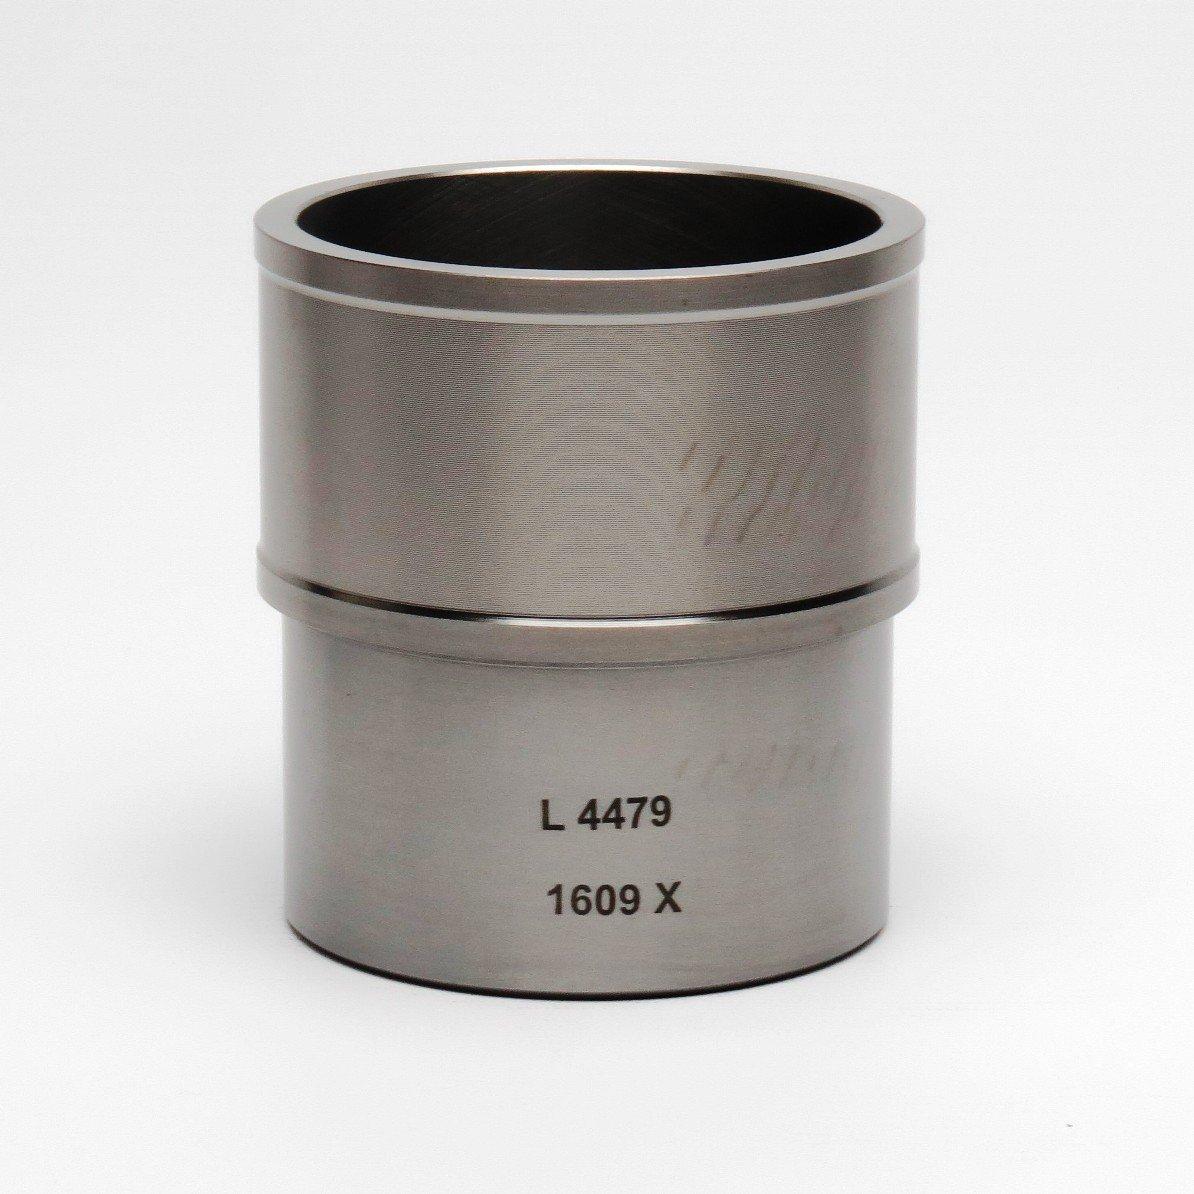 L 4479 - Cylinder Repair Liner